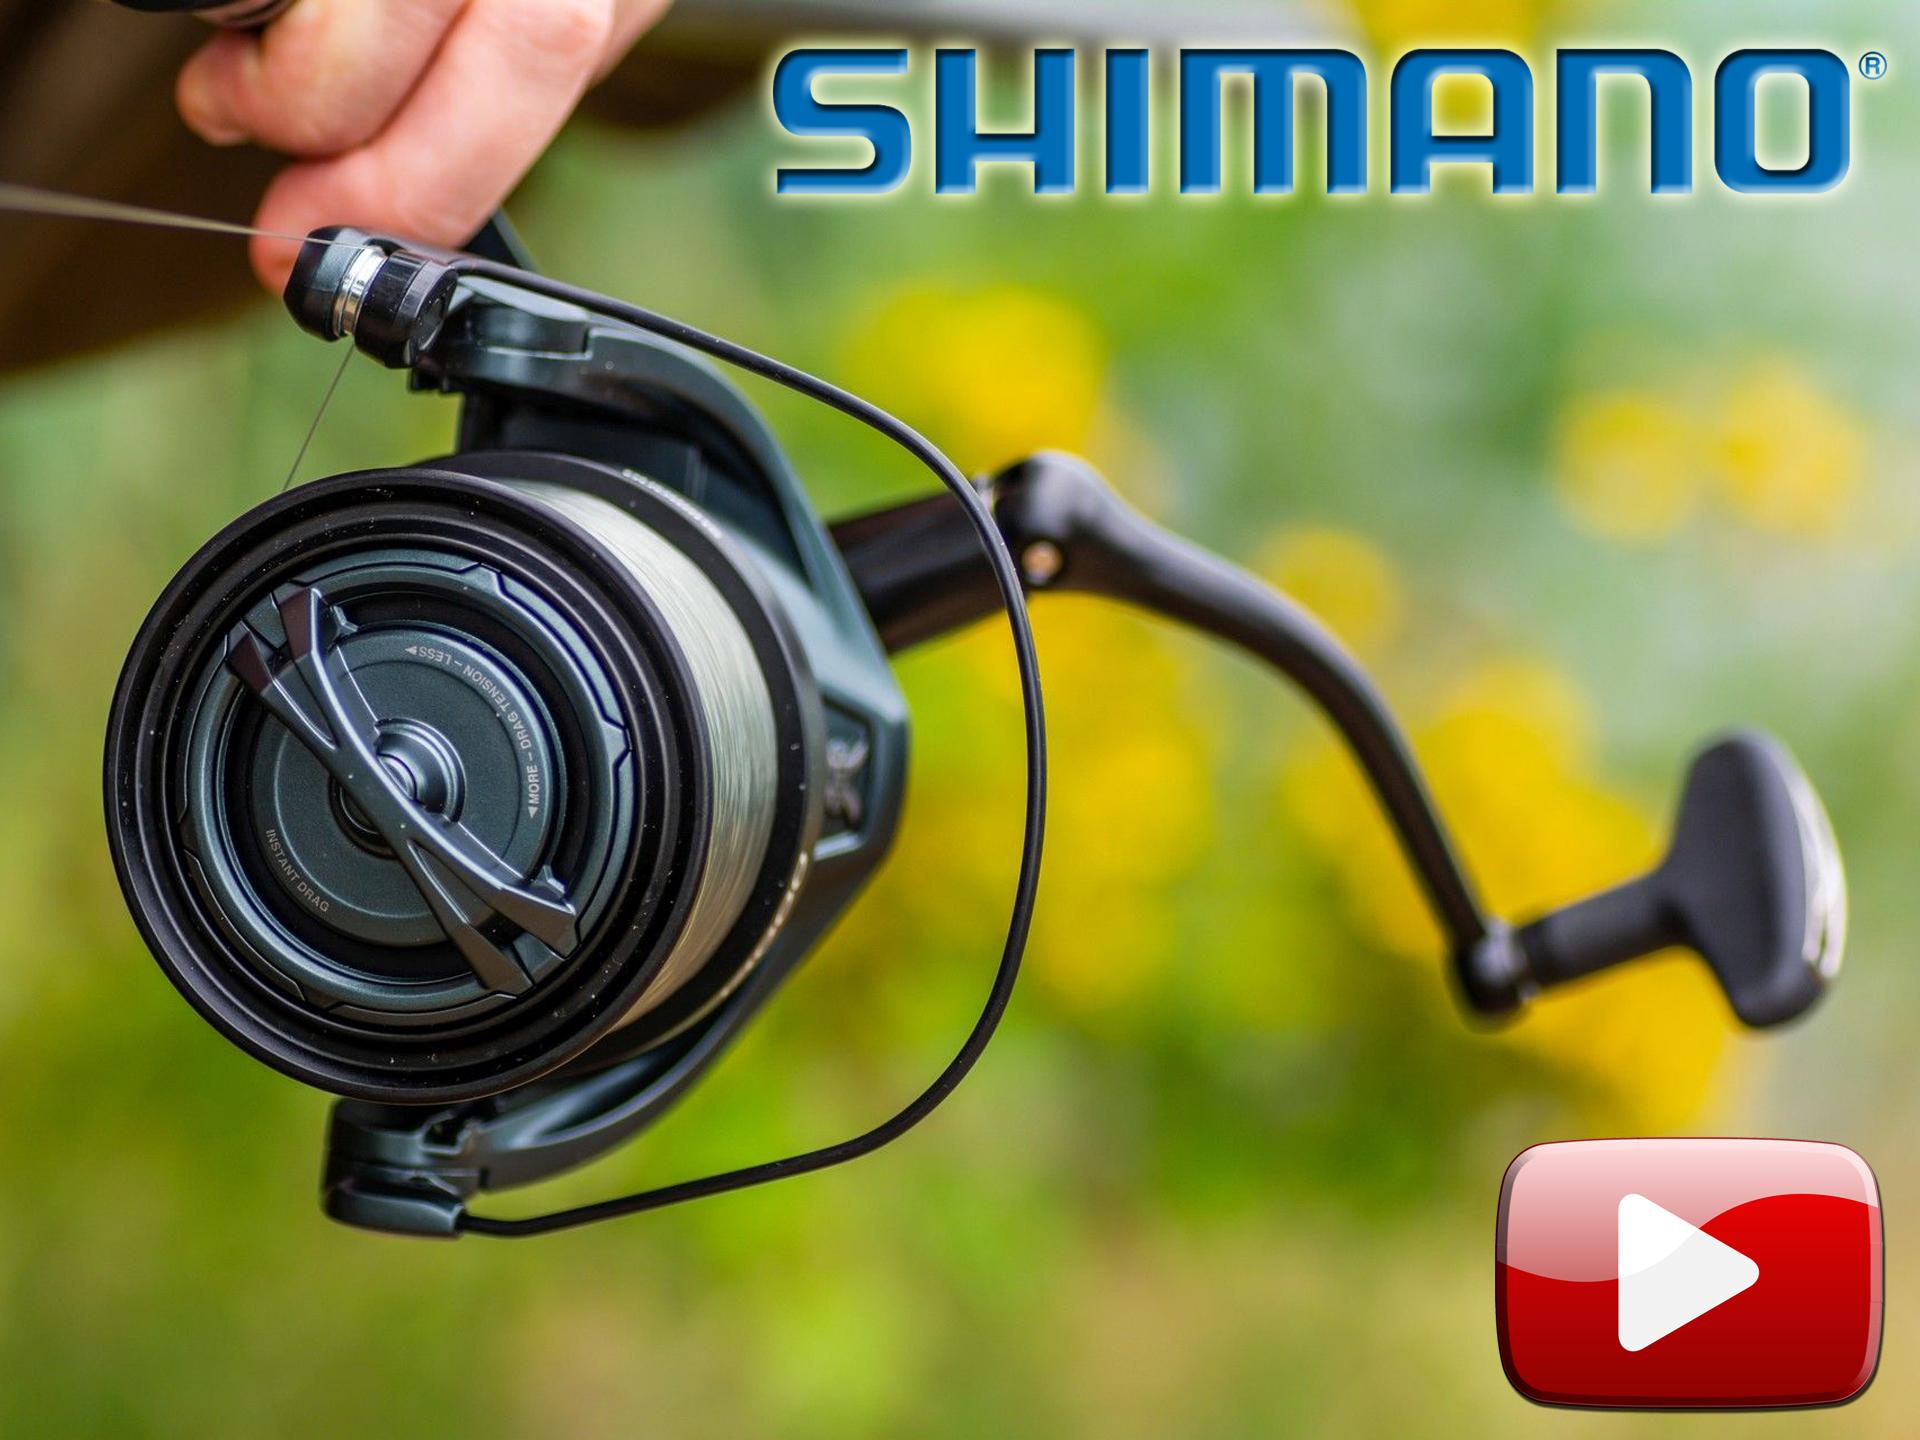 Új Shimano orsók a Haldorádó kínálatában 2019